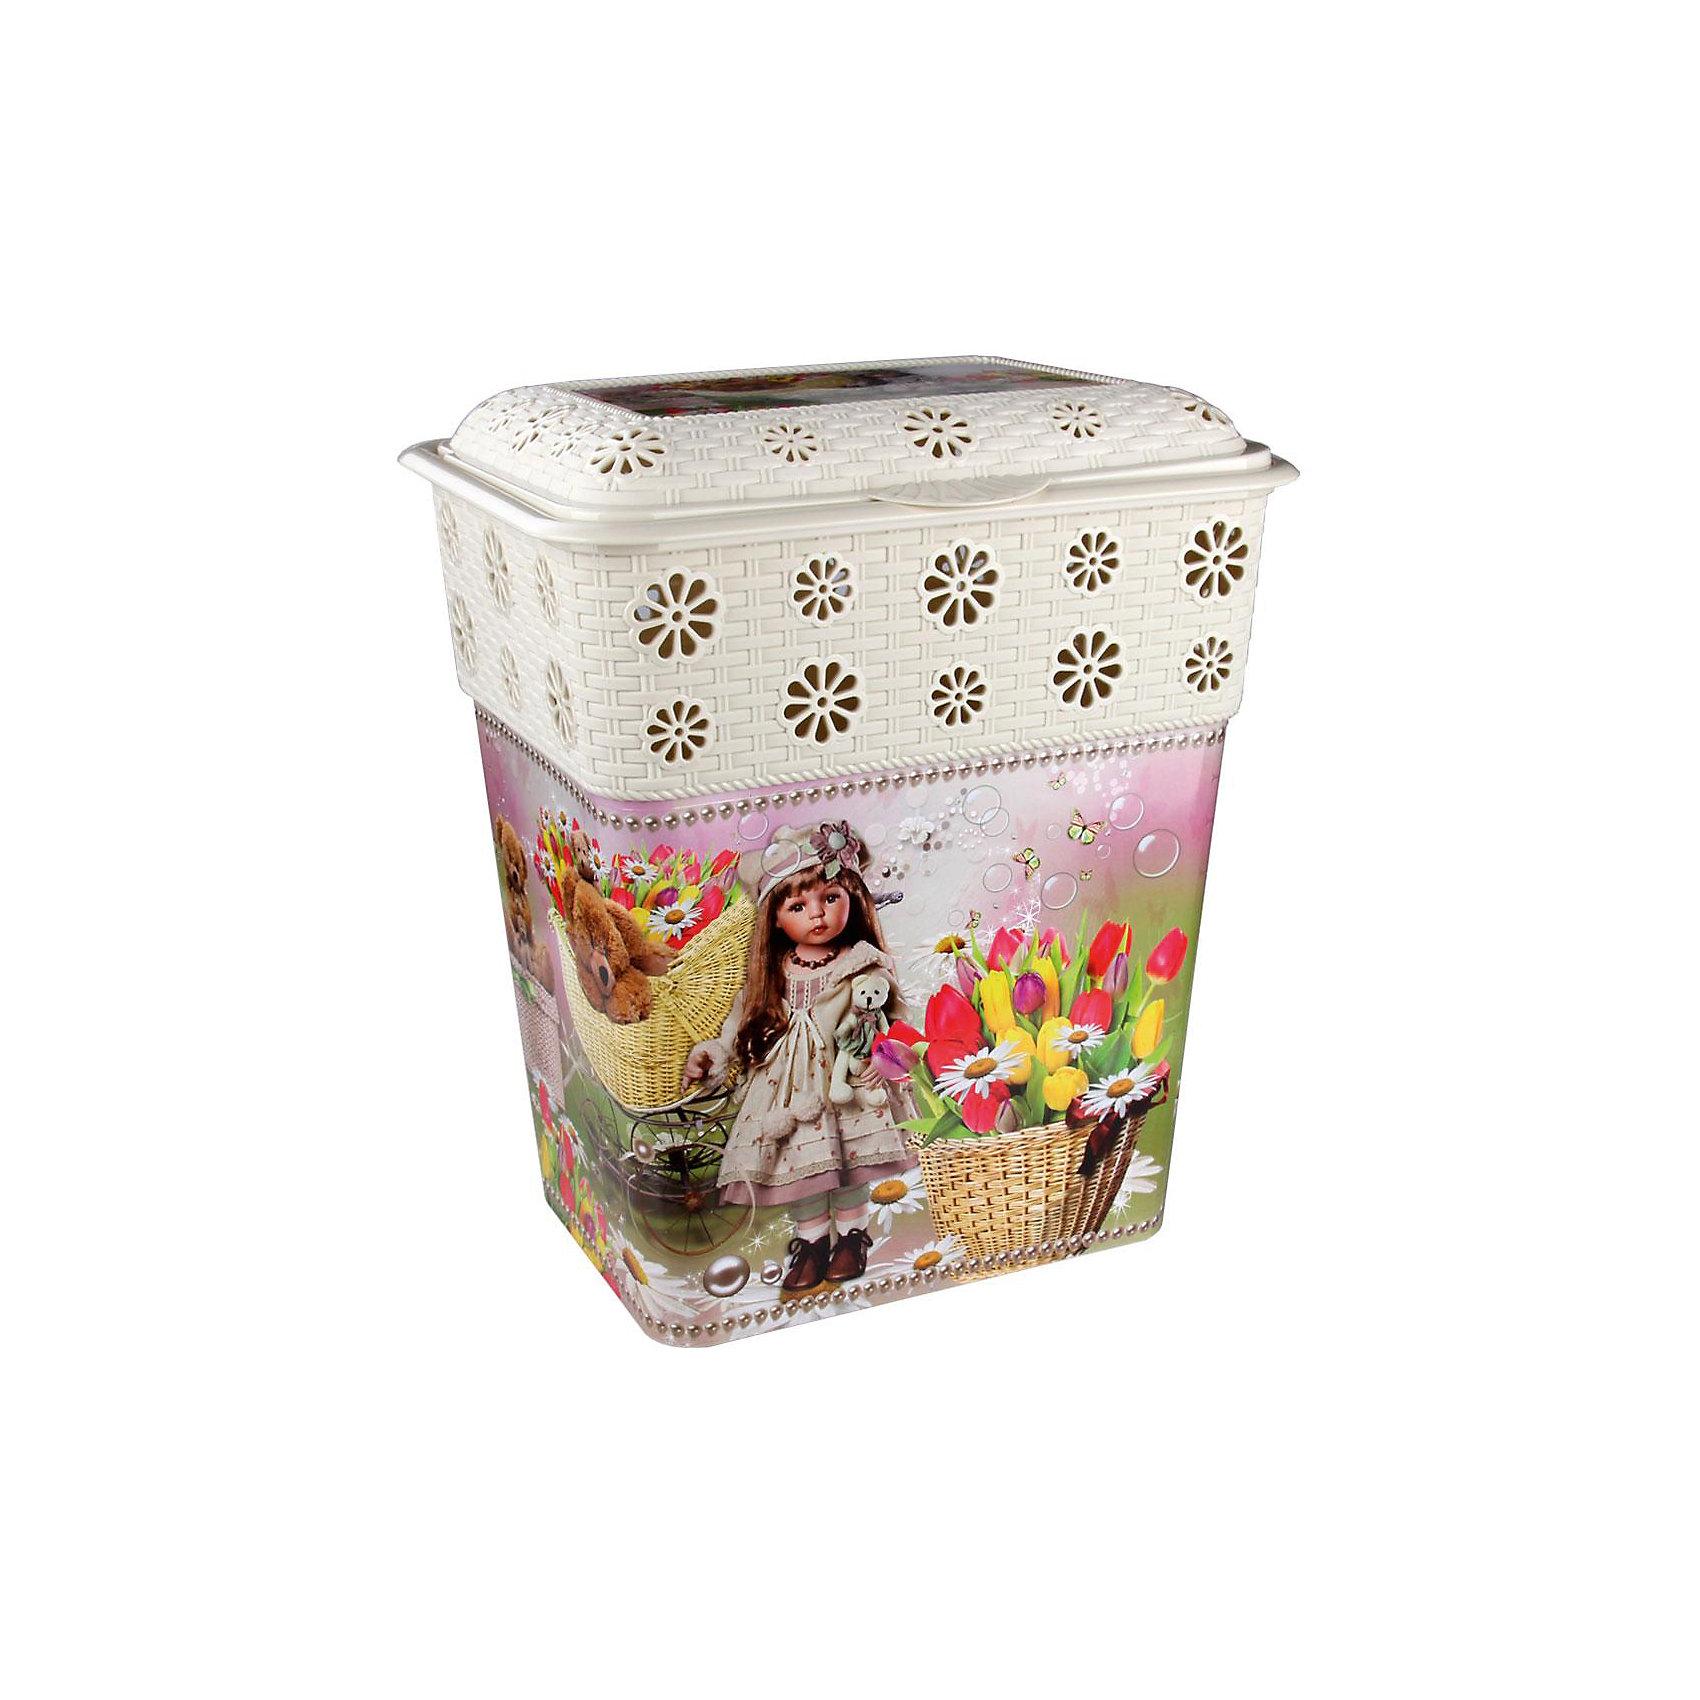 Корзина универсальная Юная красавица 60л.,  AlternativaУниверсальная корзина Юная красавица достаточно вместительная для хранения различных мелочей и безделушек. Она закрывается крышкой и декорирована милым рисунком с девочкой, цветами и медвежатами. Корзина с приятным дизайном прекрасно впишется в интерьер вашего дома!<br><br>Дополнительная информация:<br>Материал: пластик<br>Размер: 47х37х56 см<br>Объем: 60л<br><br>Корзину Юная красавица можно купить в нашем интернет-магазине.<br><br>Ширина мм: 470<br>Глубина мм: 370<br>Высота мм: 560<br>Вес г: 1745<br>Возраст от месяцев: 36<br>Возраст до месяцев: 144<br>Пол: Унисекс<br>Возраст: Детский<br>SKU: 4979745